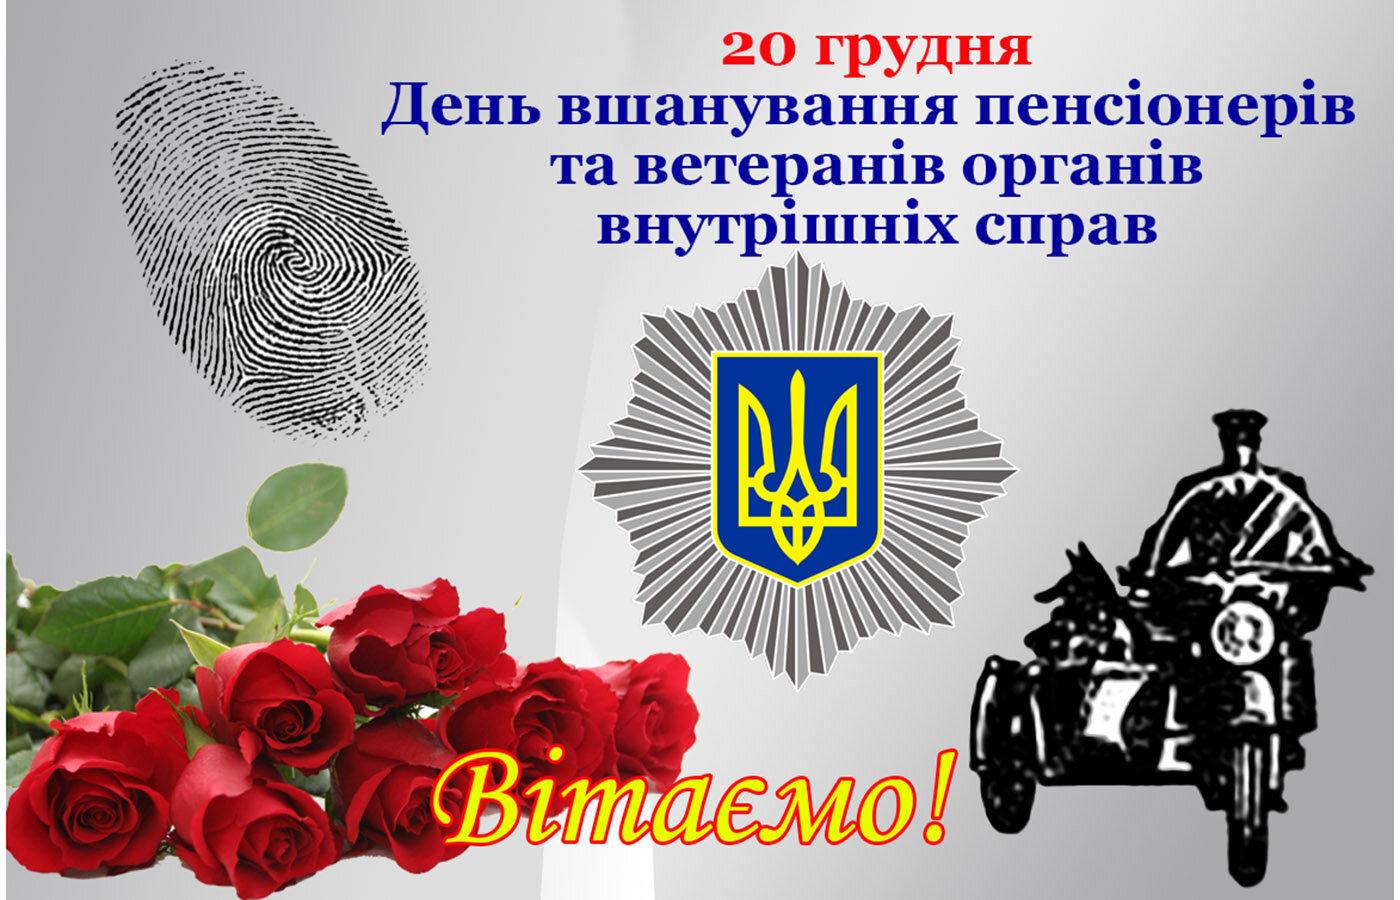 Солидарность и МВД: какой сегодня праздник и день ангела 20 декабря - фото 1